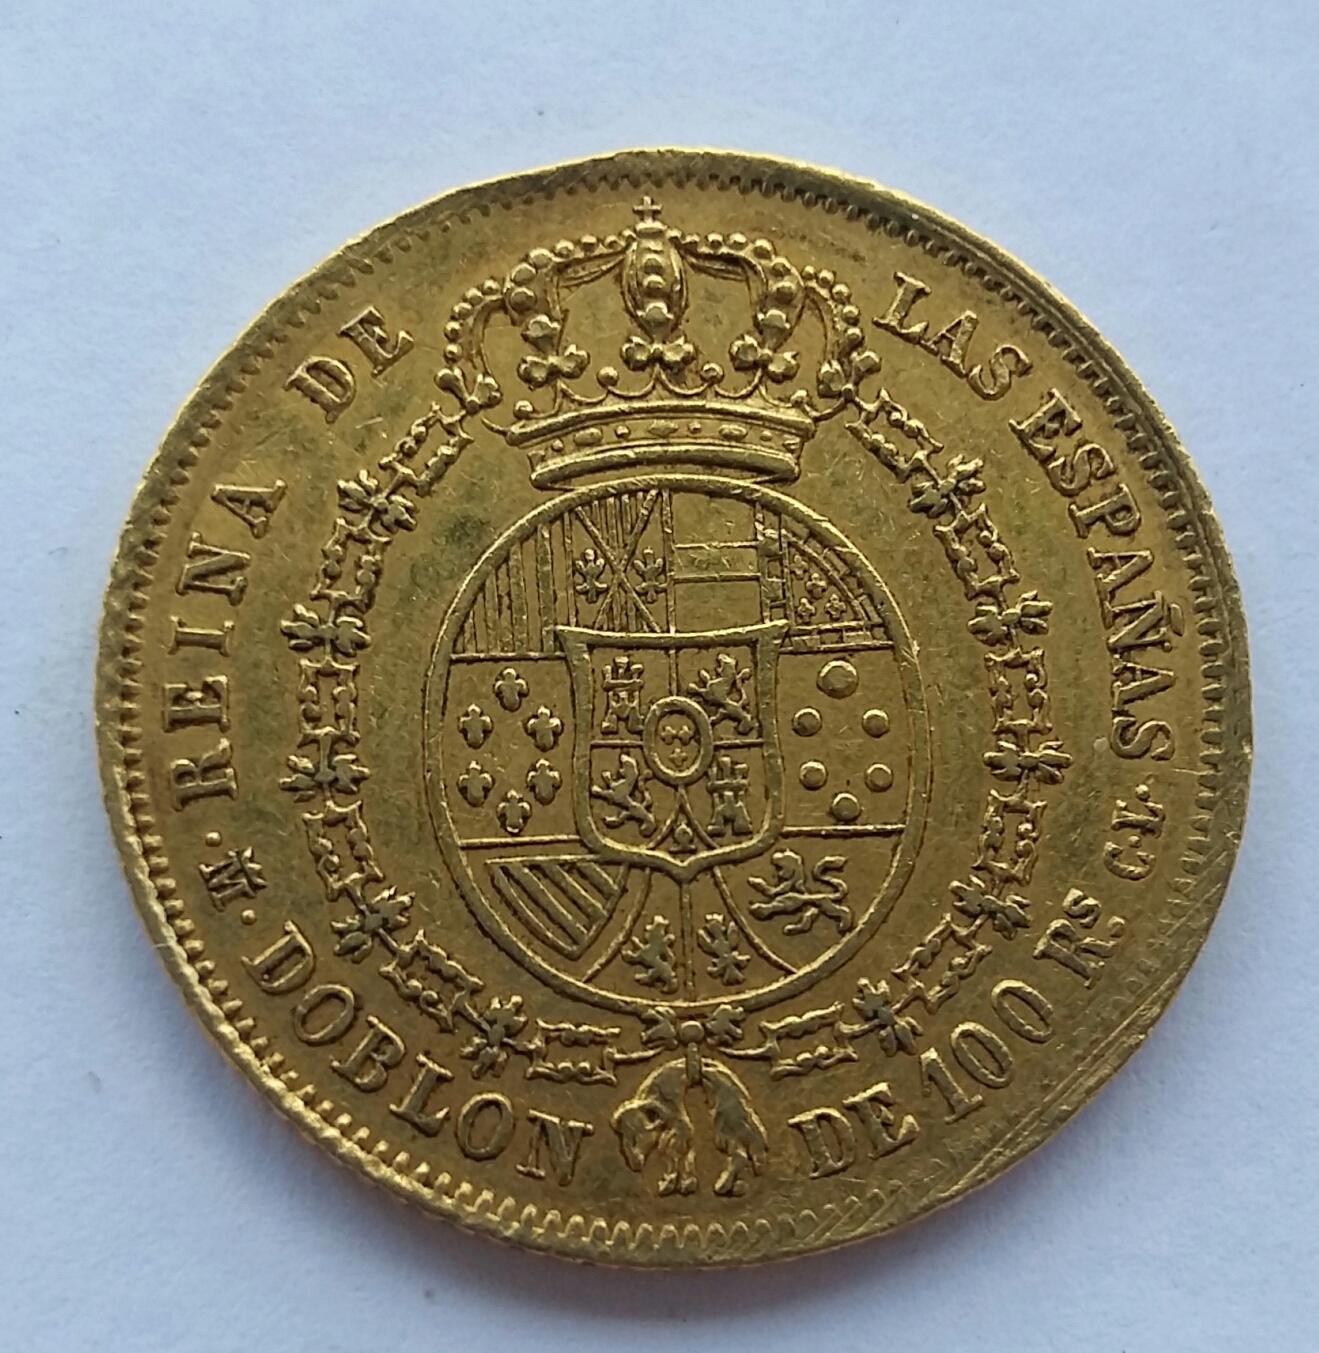 1 Doblon de 100 Reales 1851. Isabel II. Madrid CL 20191112